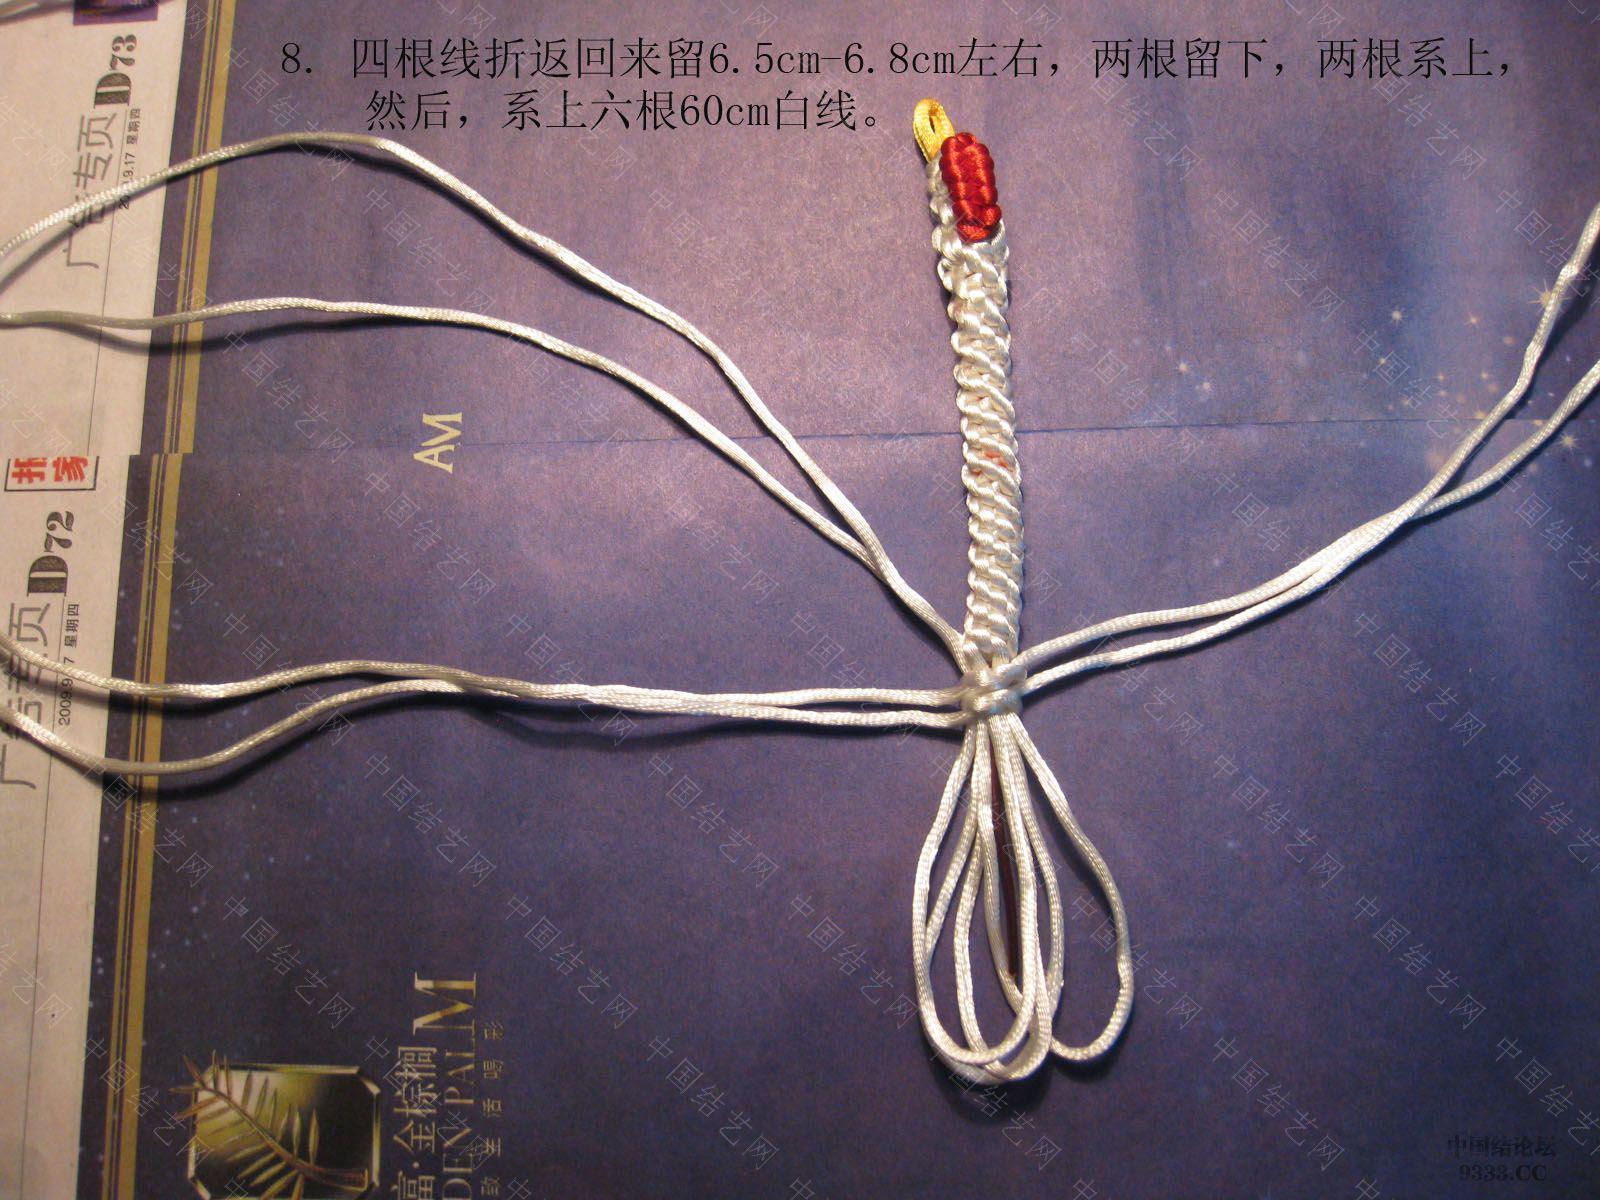 中国结论坛 学习一米老师编的天鹅的图文教程  立体绳结教程与交流区 091026140189463ba98bedbee0